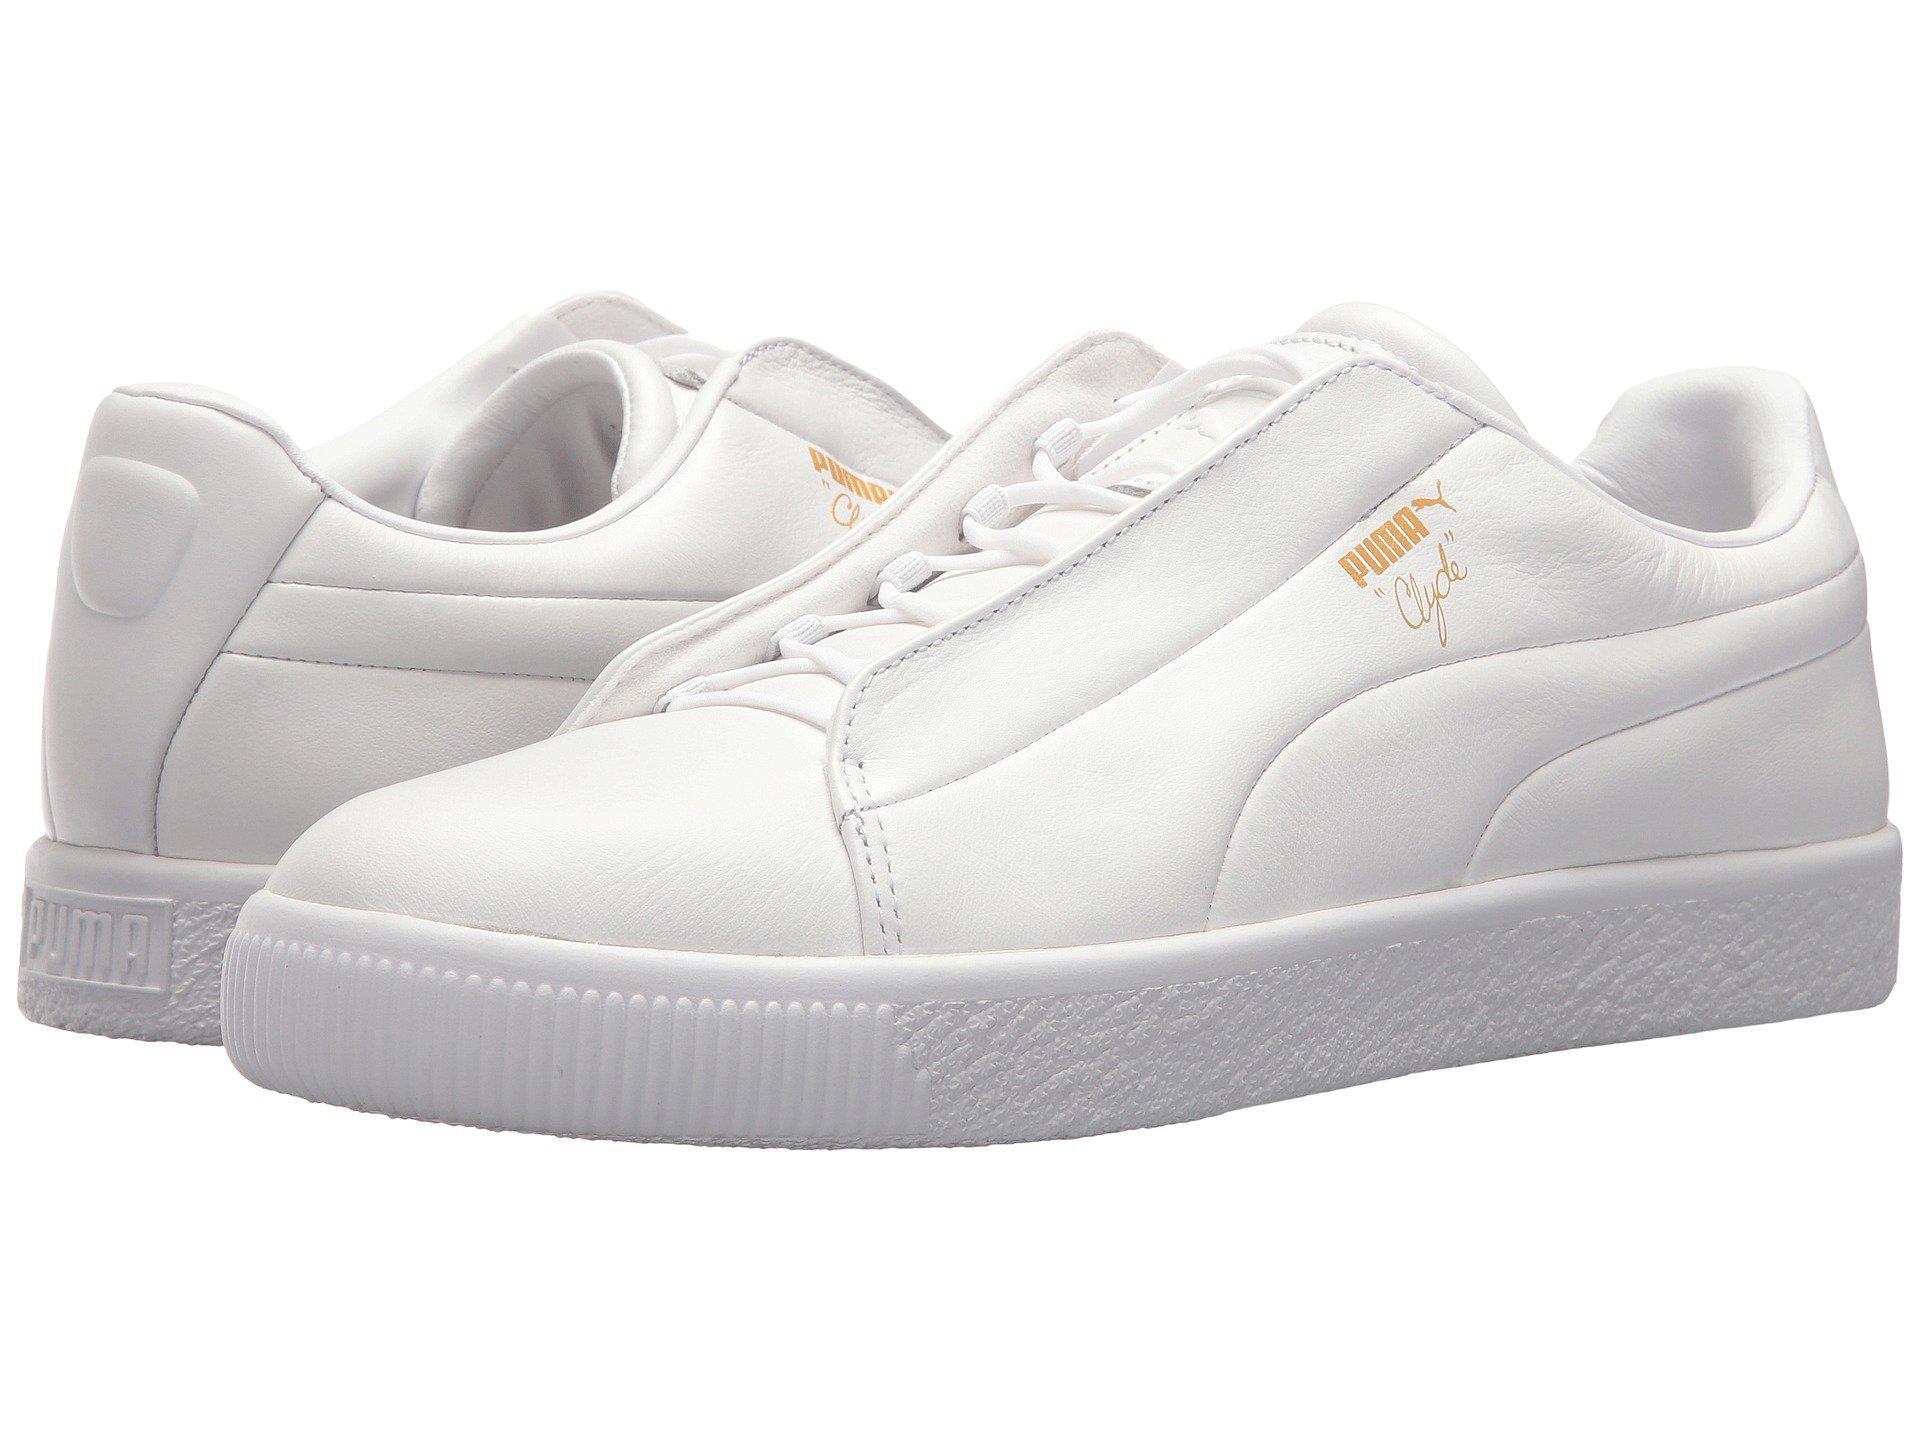 Lyst - PUMA Clyde Fashion Leather in White ead6b9102